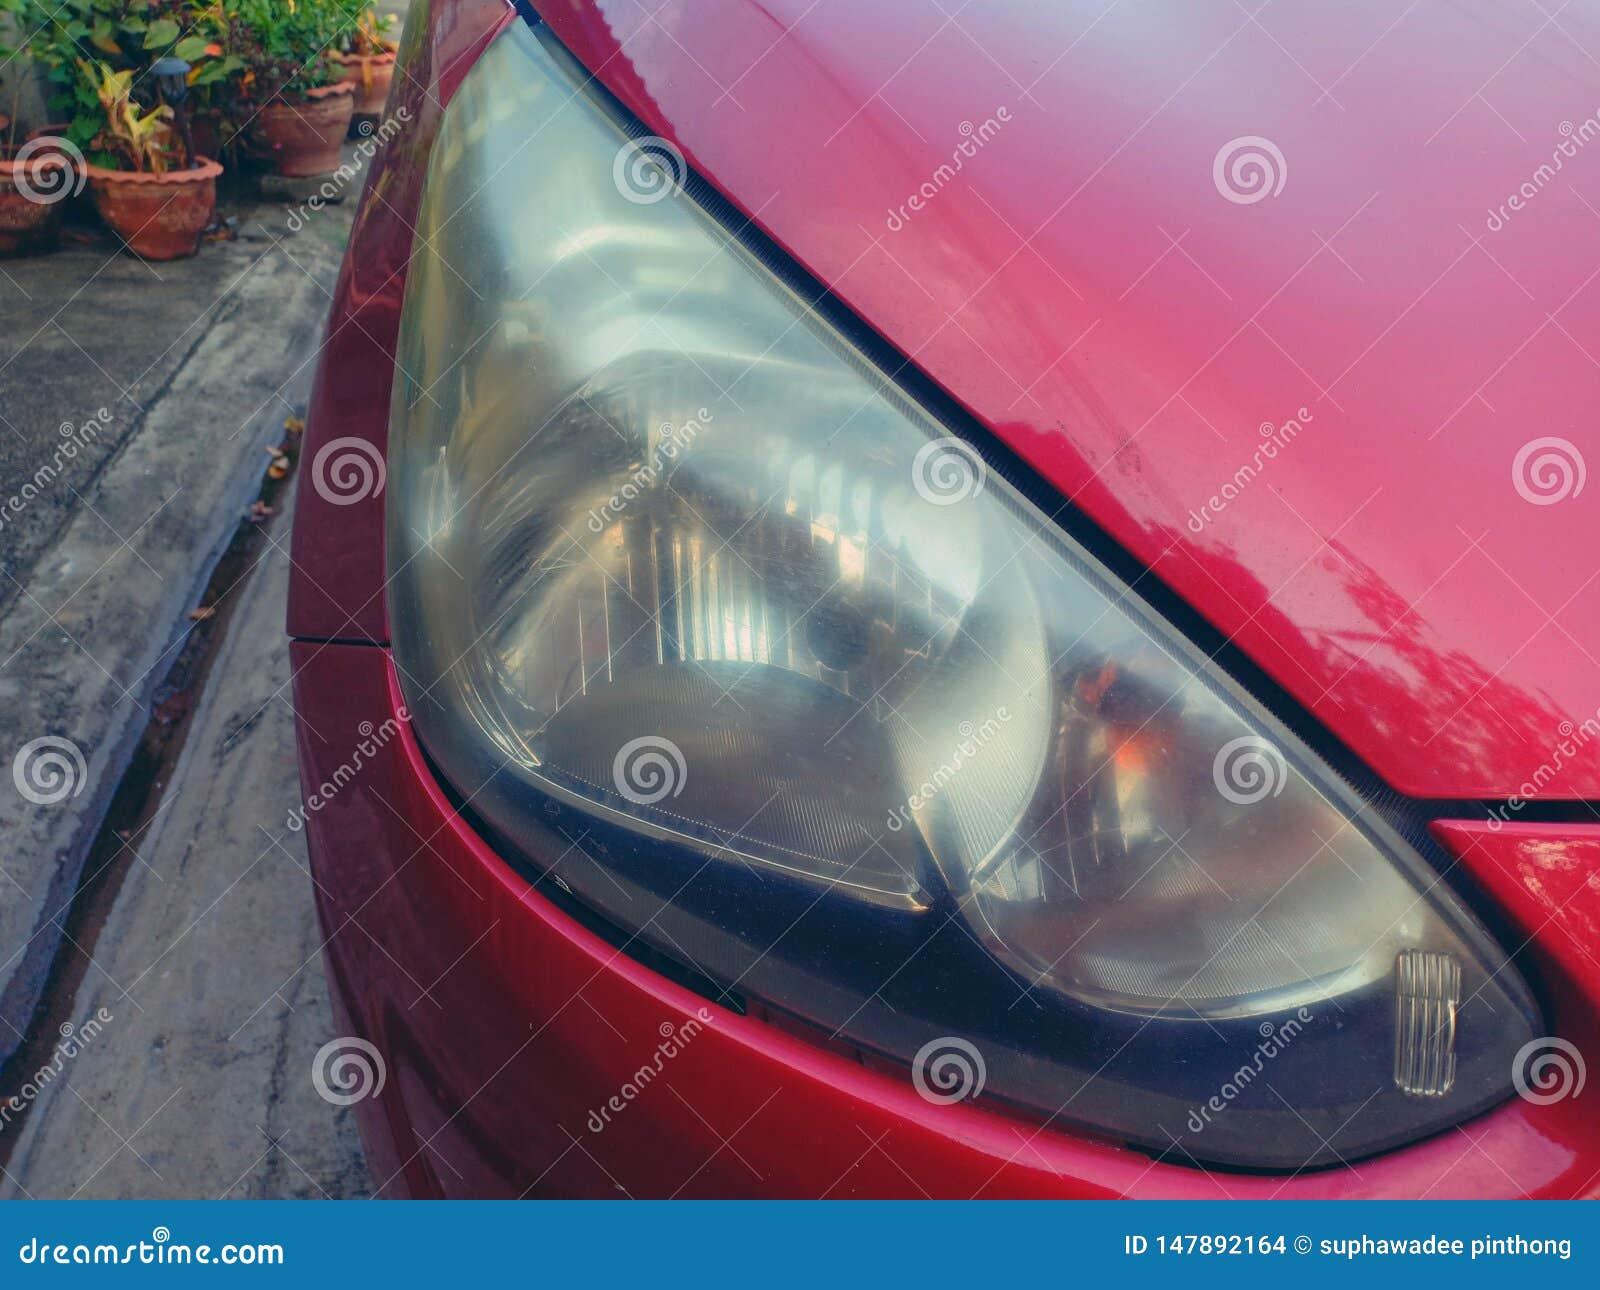 De mistige en bewolkte lenzen van de autokoplamp van de luchtspiegeling van Mitsubishi